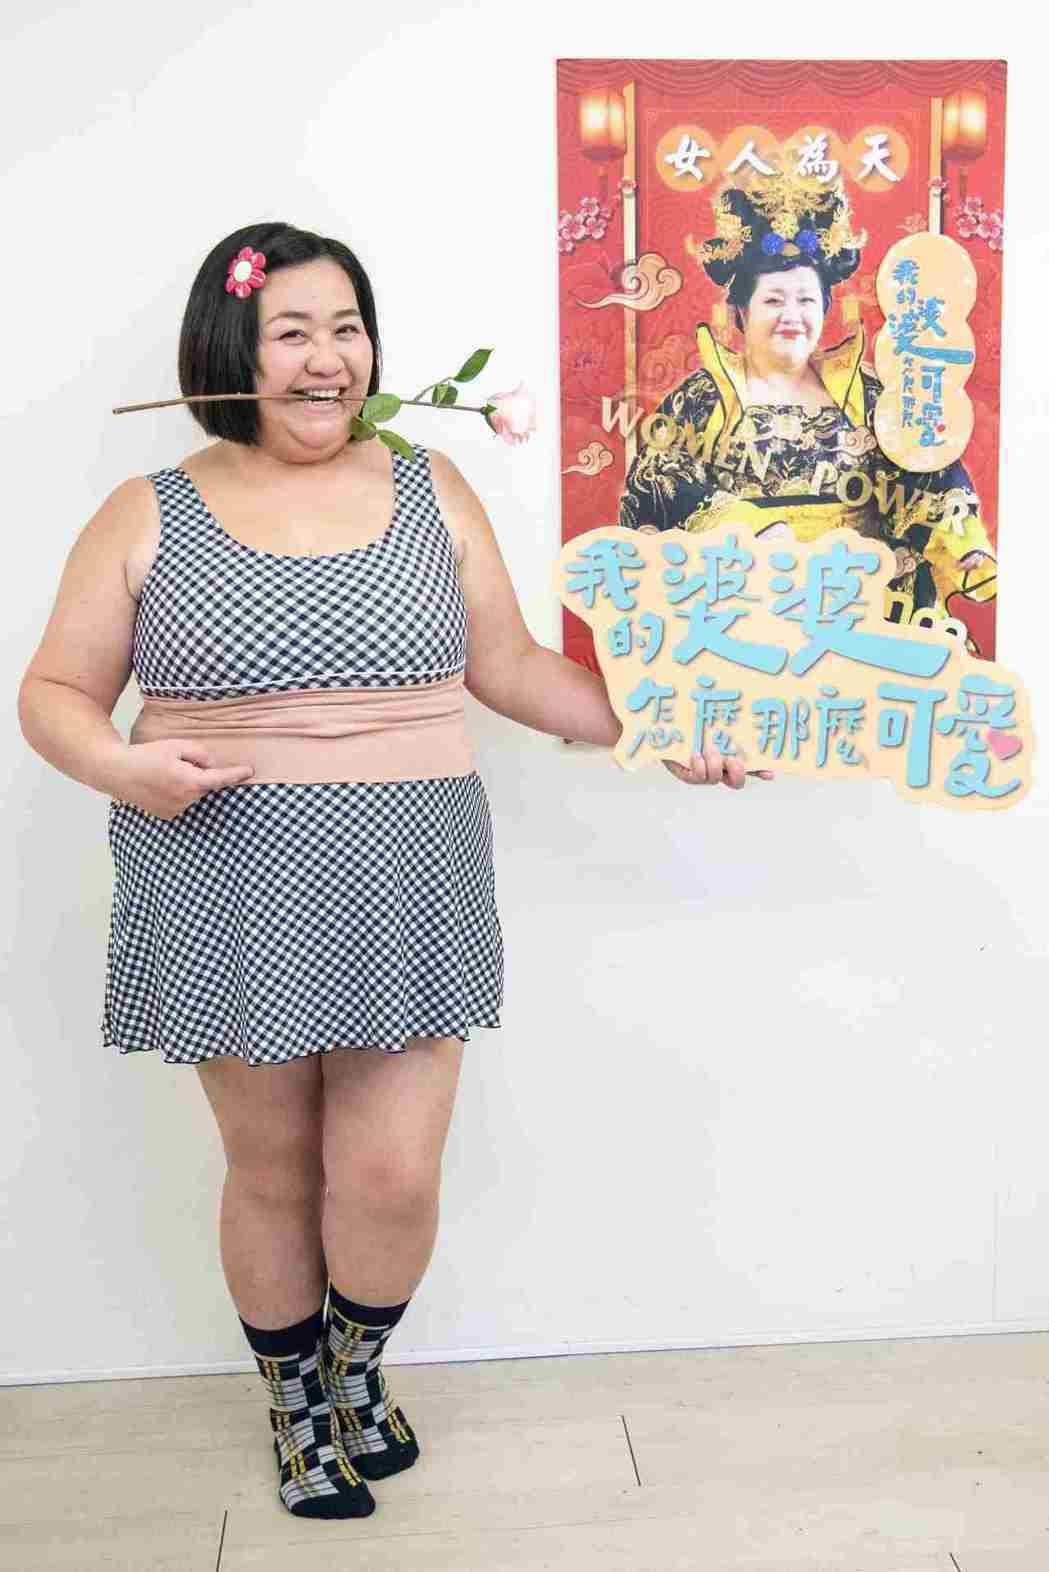 鍾欣凌為連身泳衣加工自製比基尼。圖/公視提供